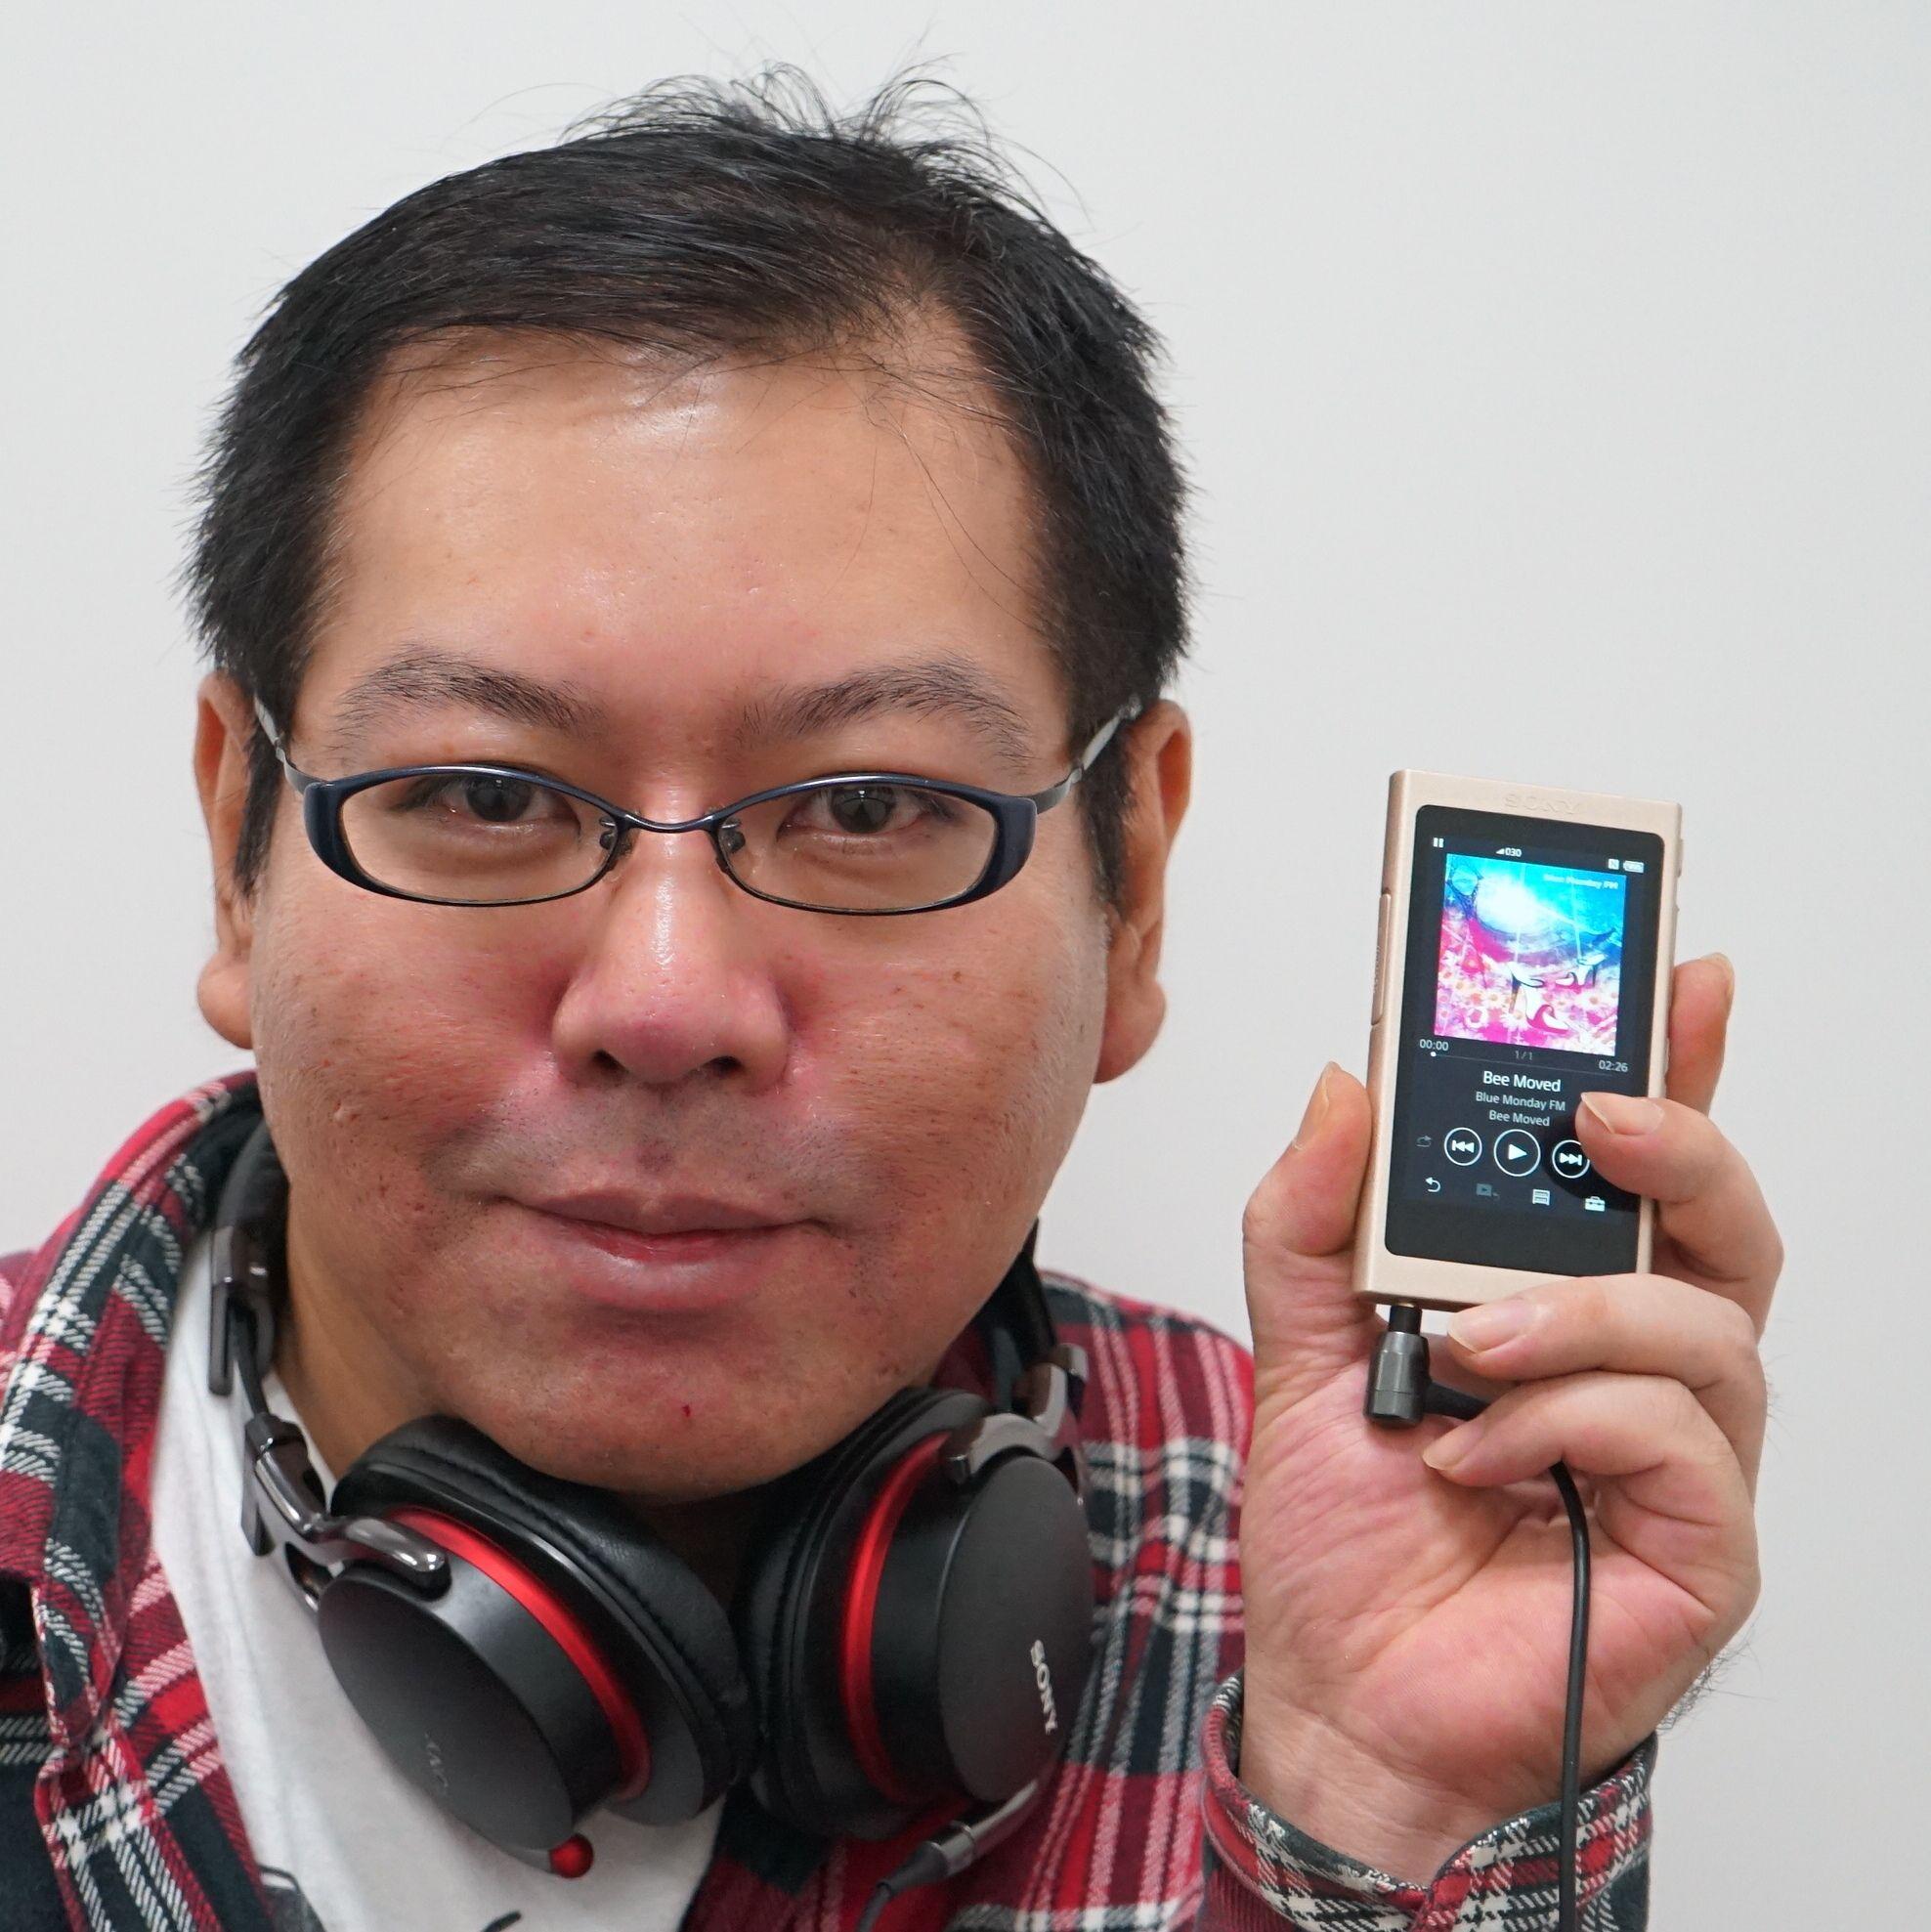 USB DAC機能を持ち高音質、2万円台から買えるハイレゾウォークマンは注目だ